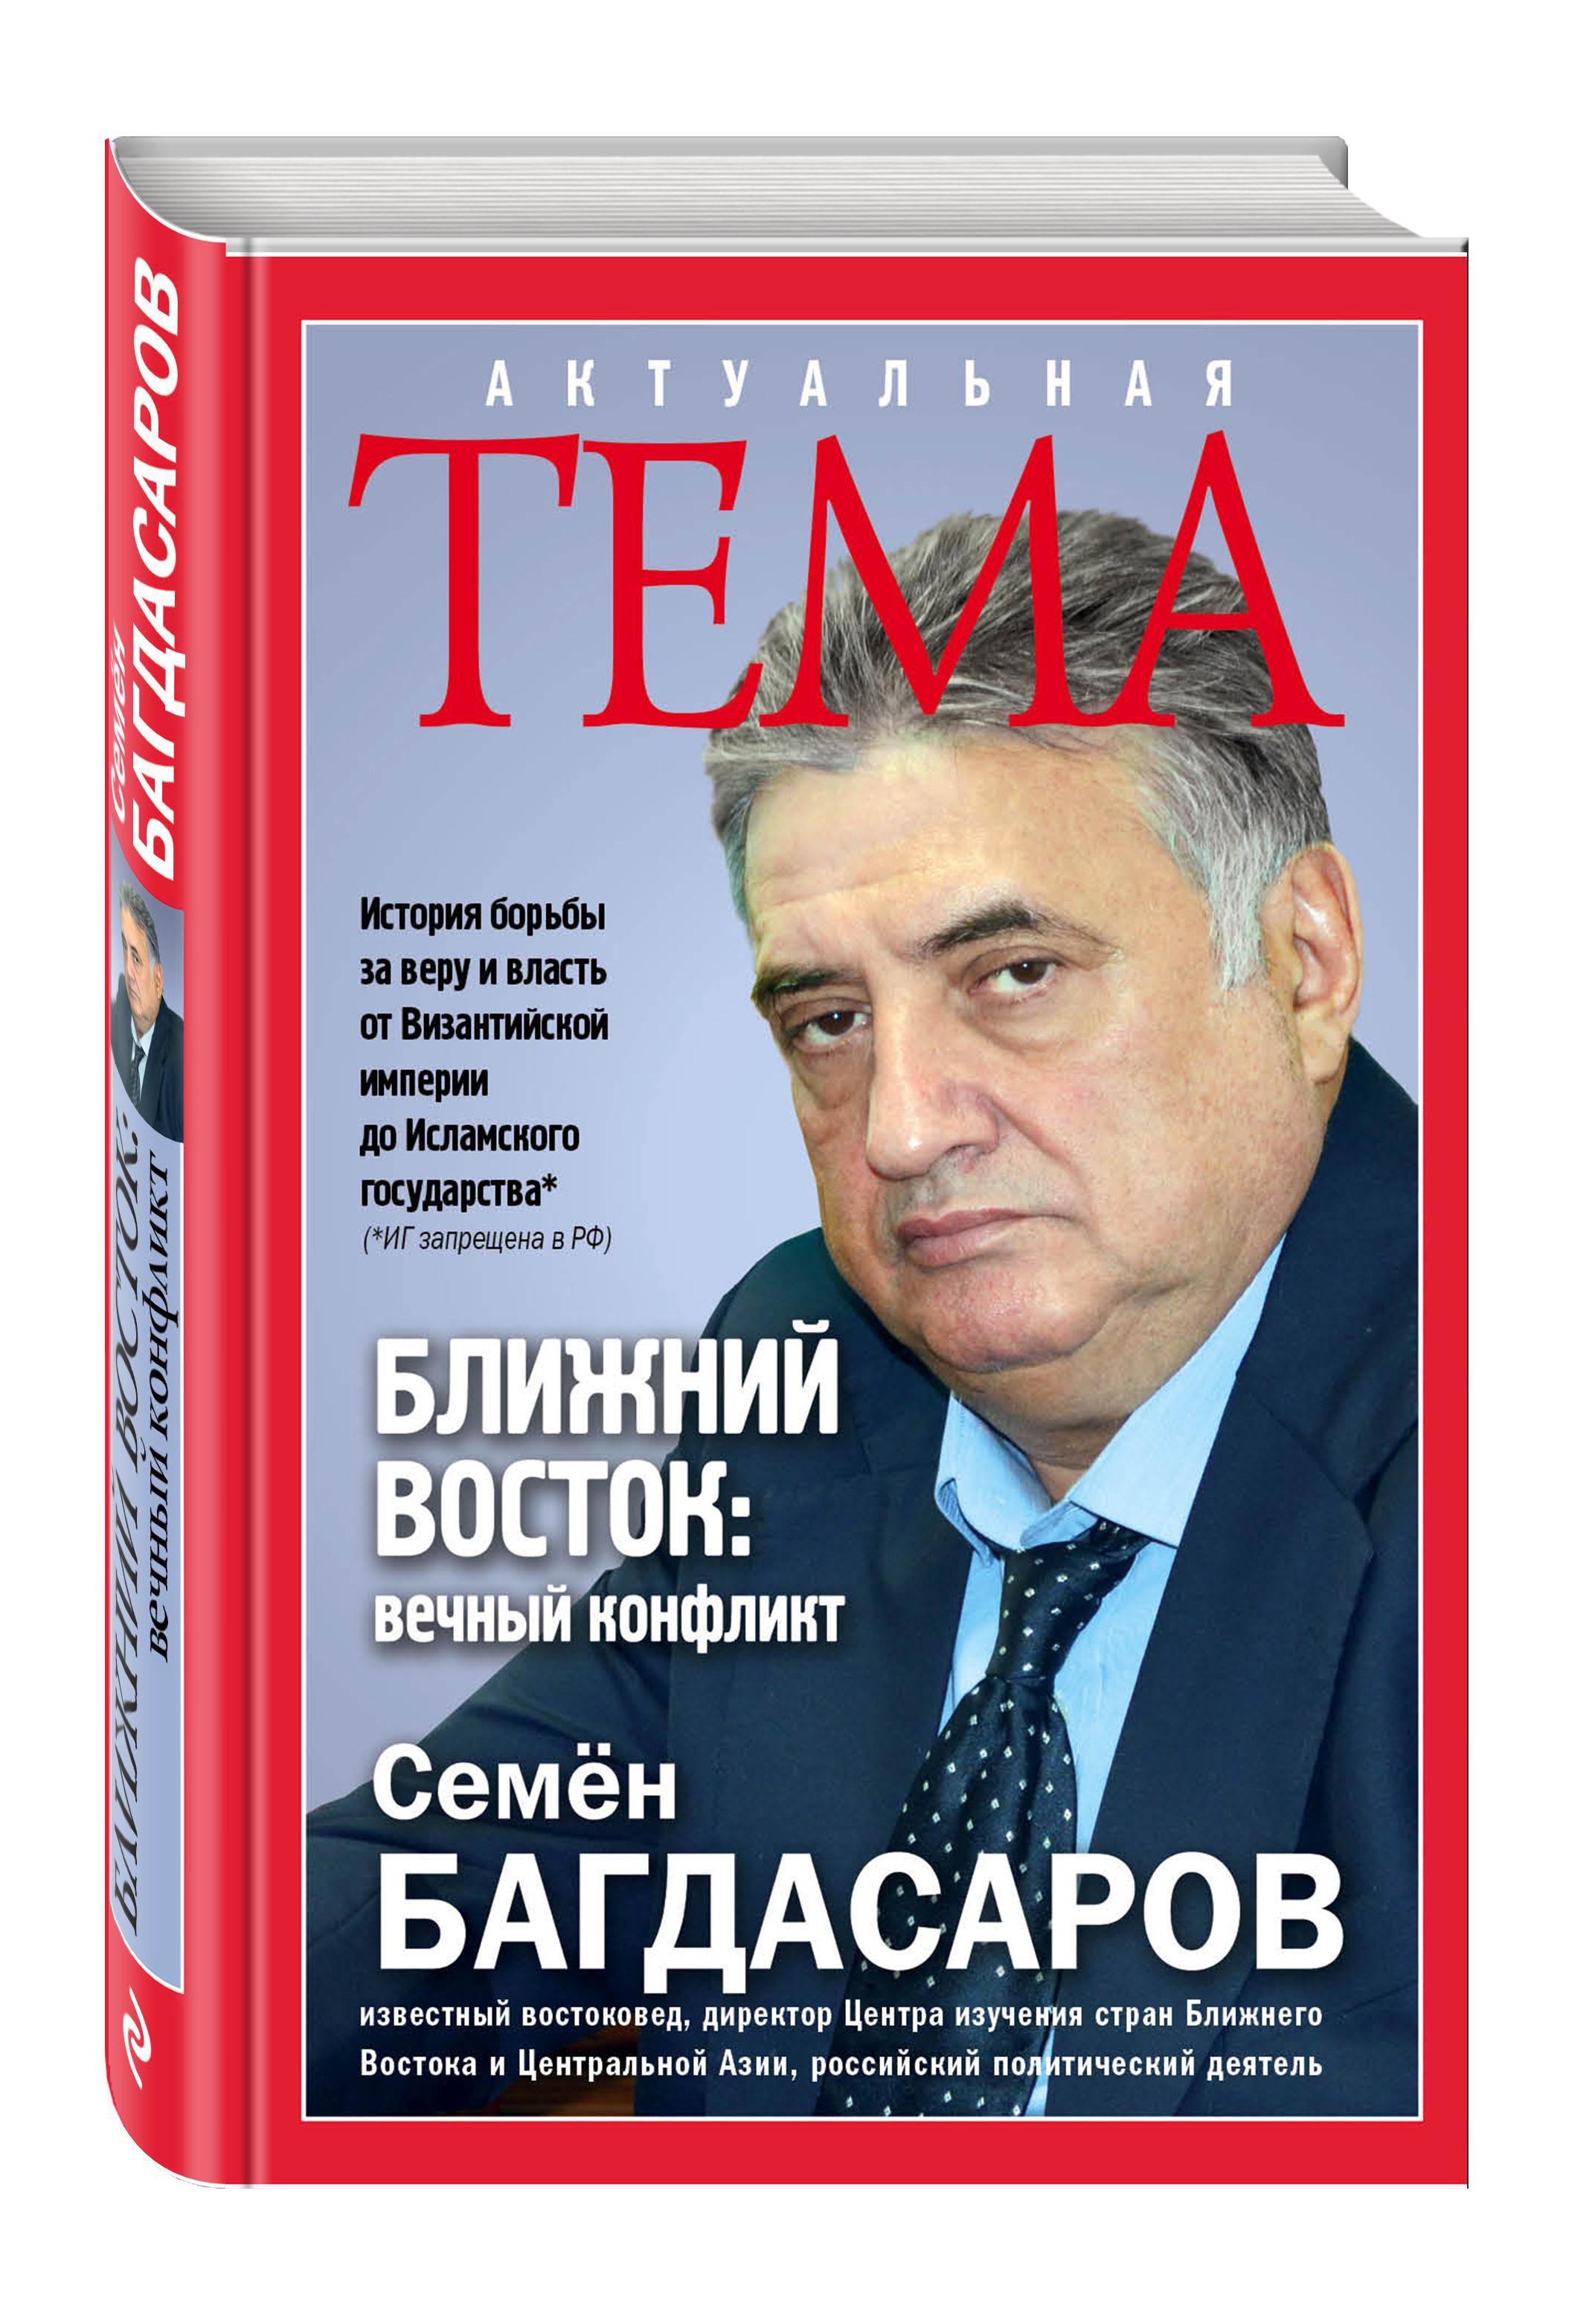 Багдасаров С.А. Ближний Восток: вечный конфликт vostok 420892 восток